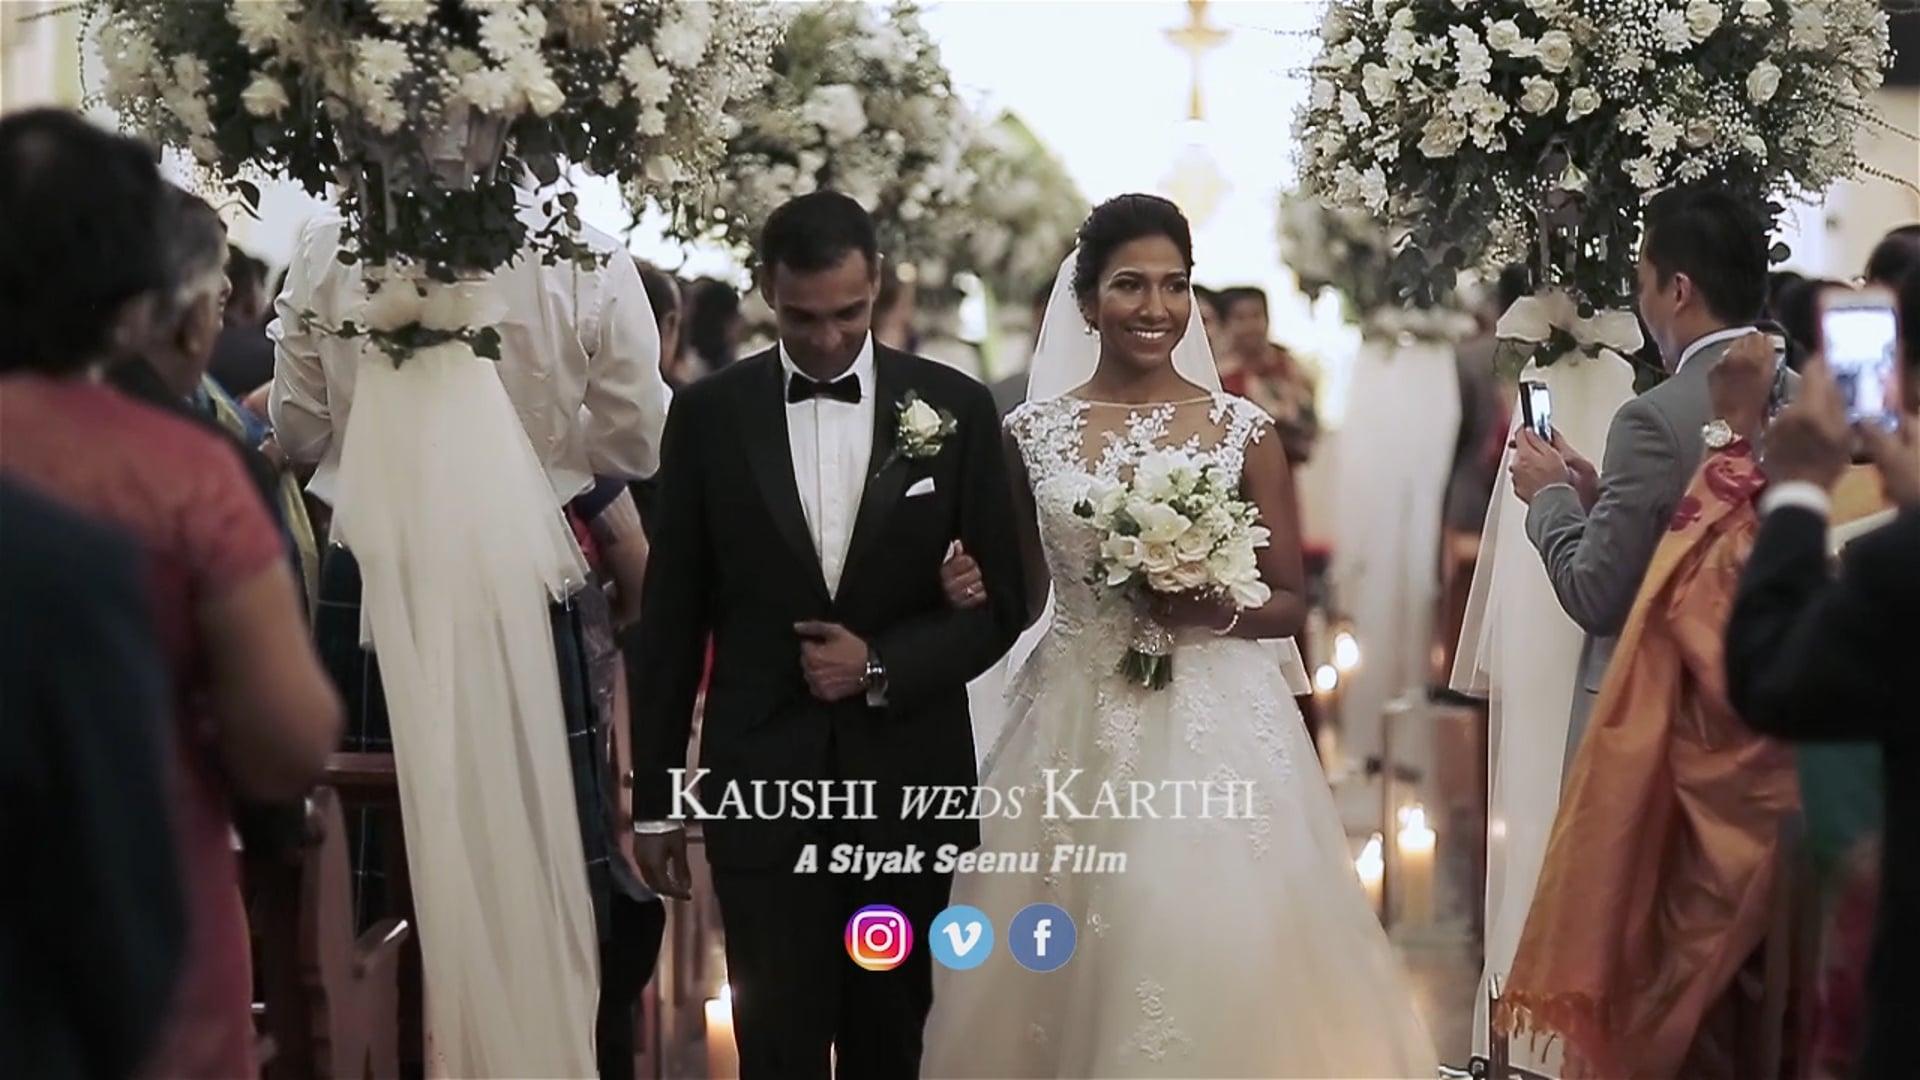 Trailer: Kaushi Weds Karthi